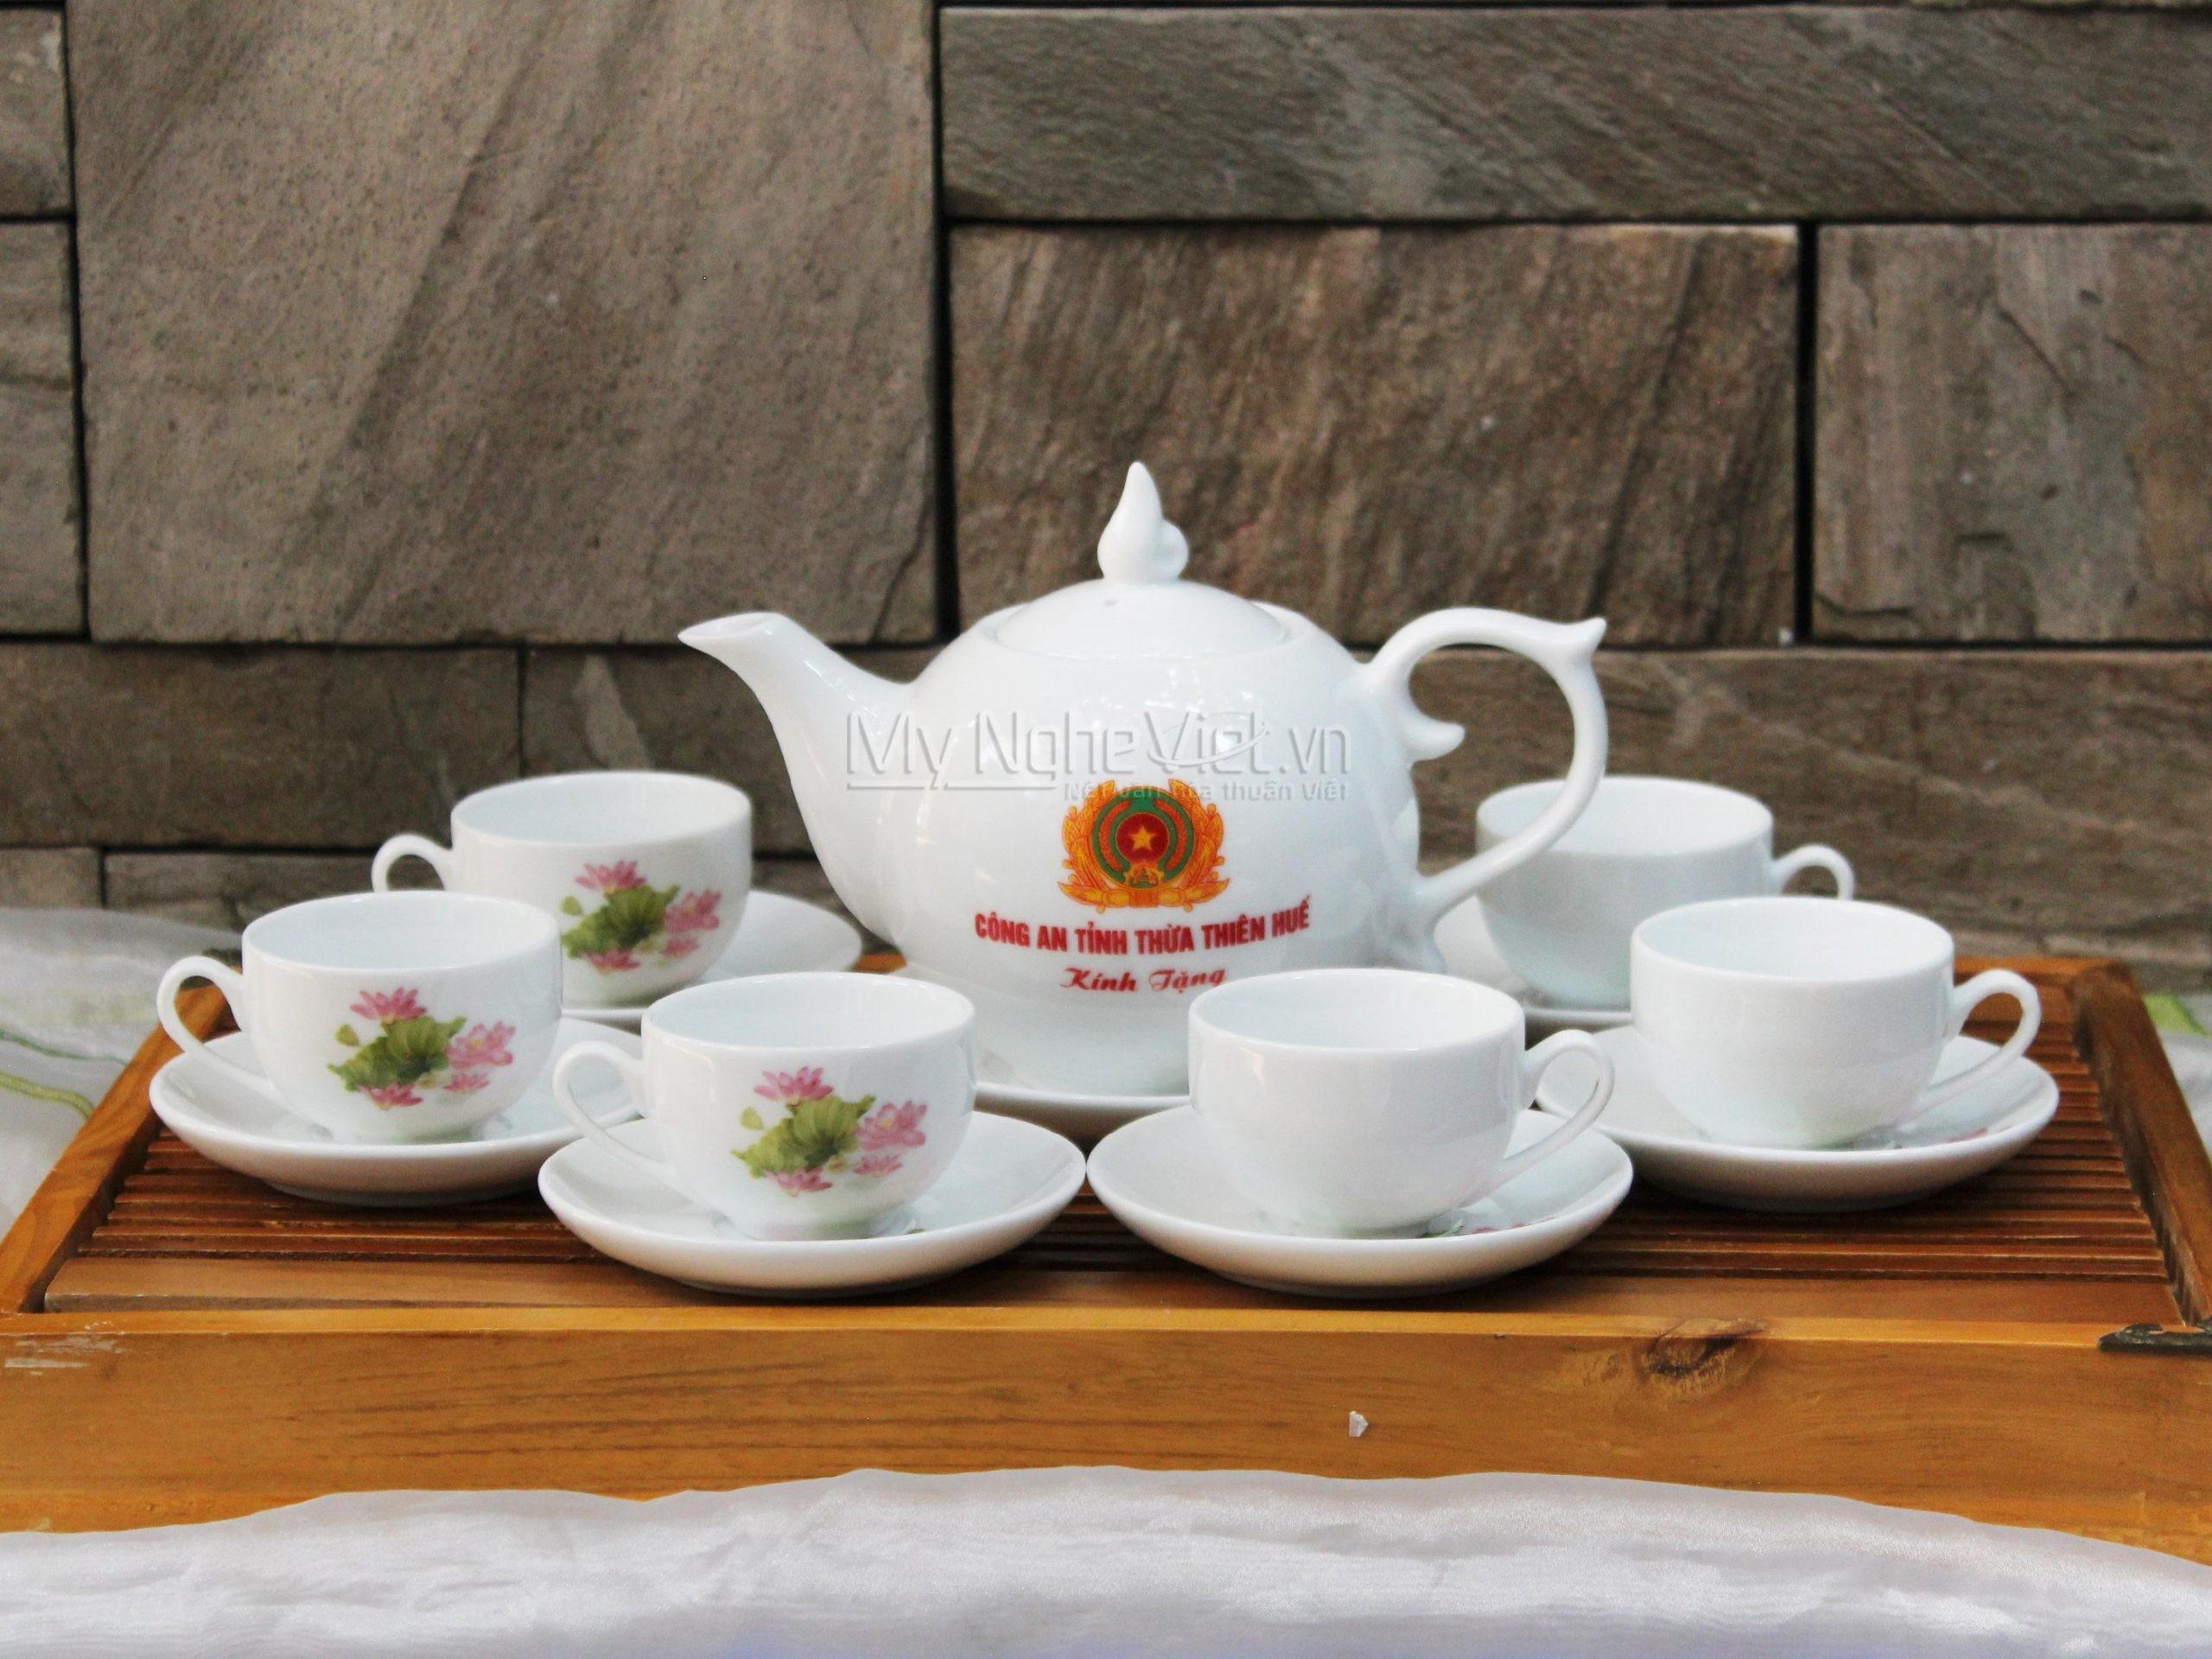 Bình trà thiết kế logo theo yêu cầu